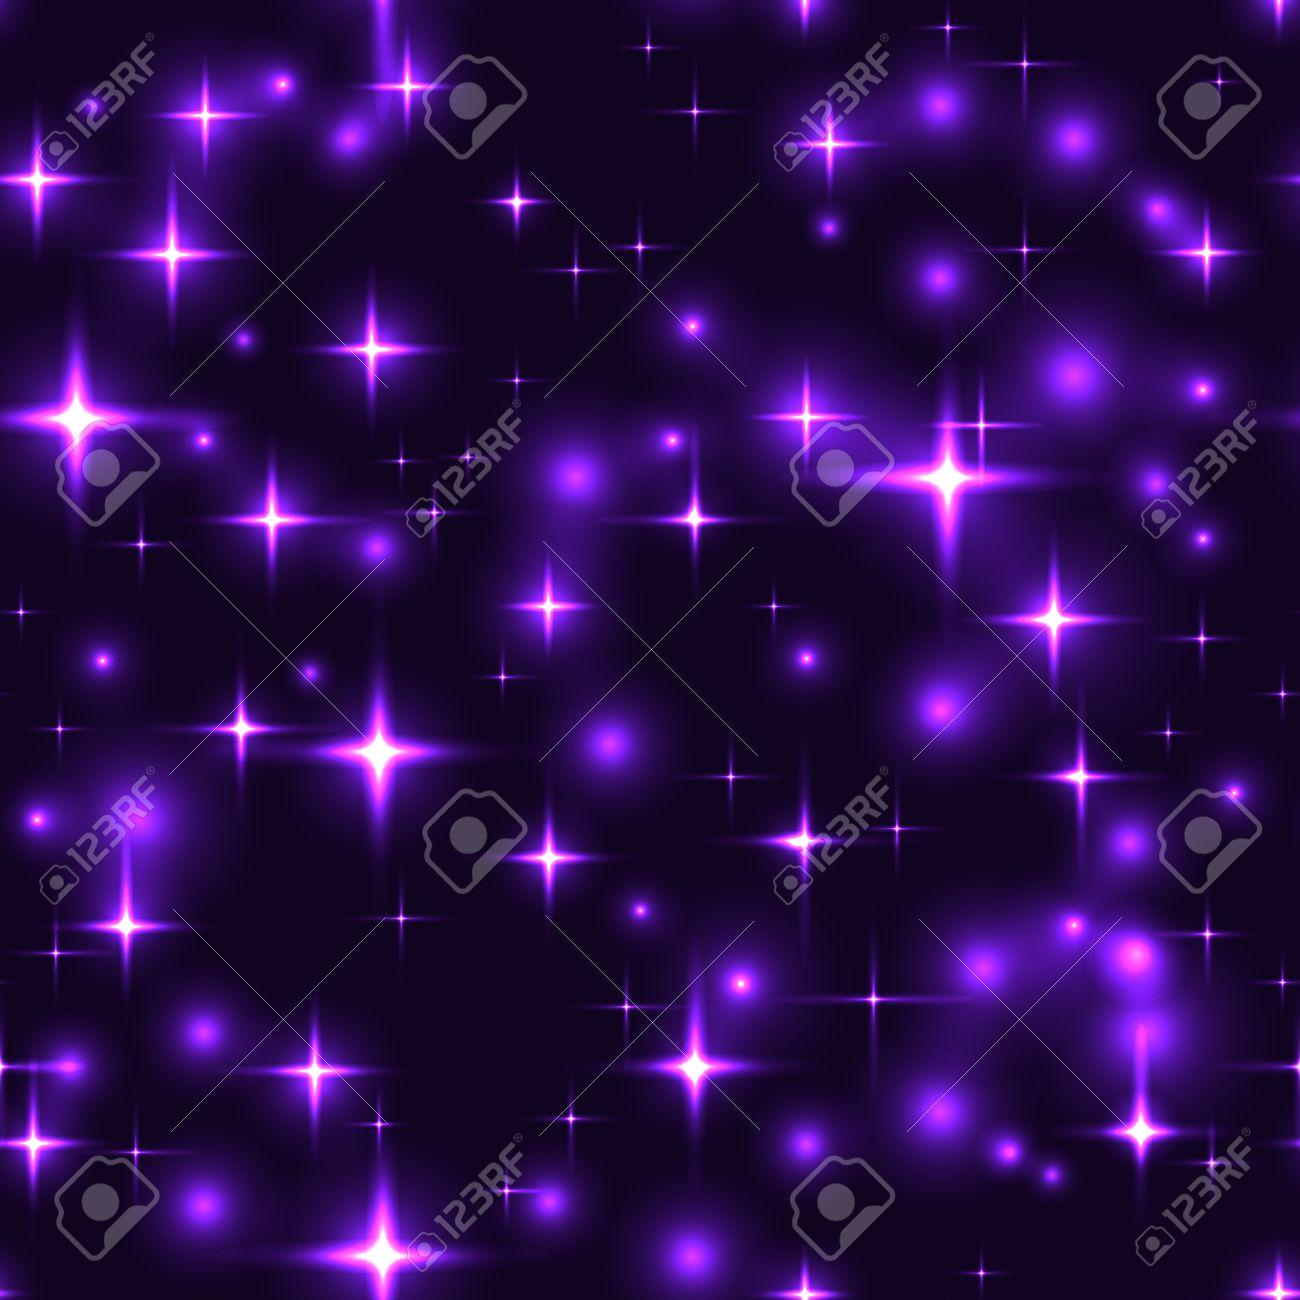 Superb purple stars dark seamless background gorgeous glittering superb purple stars dark seamless background gorgeous glittering seamless background with violet stars and blurs voltagebd Gallery